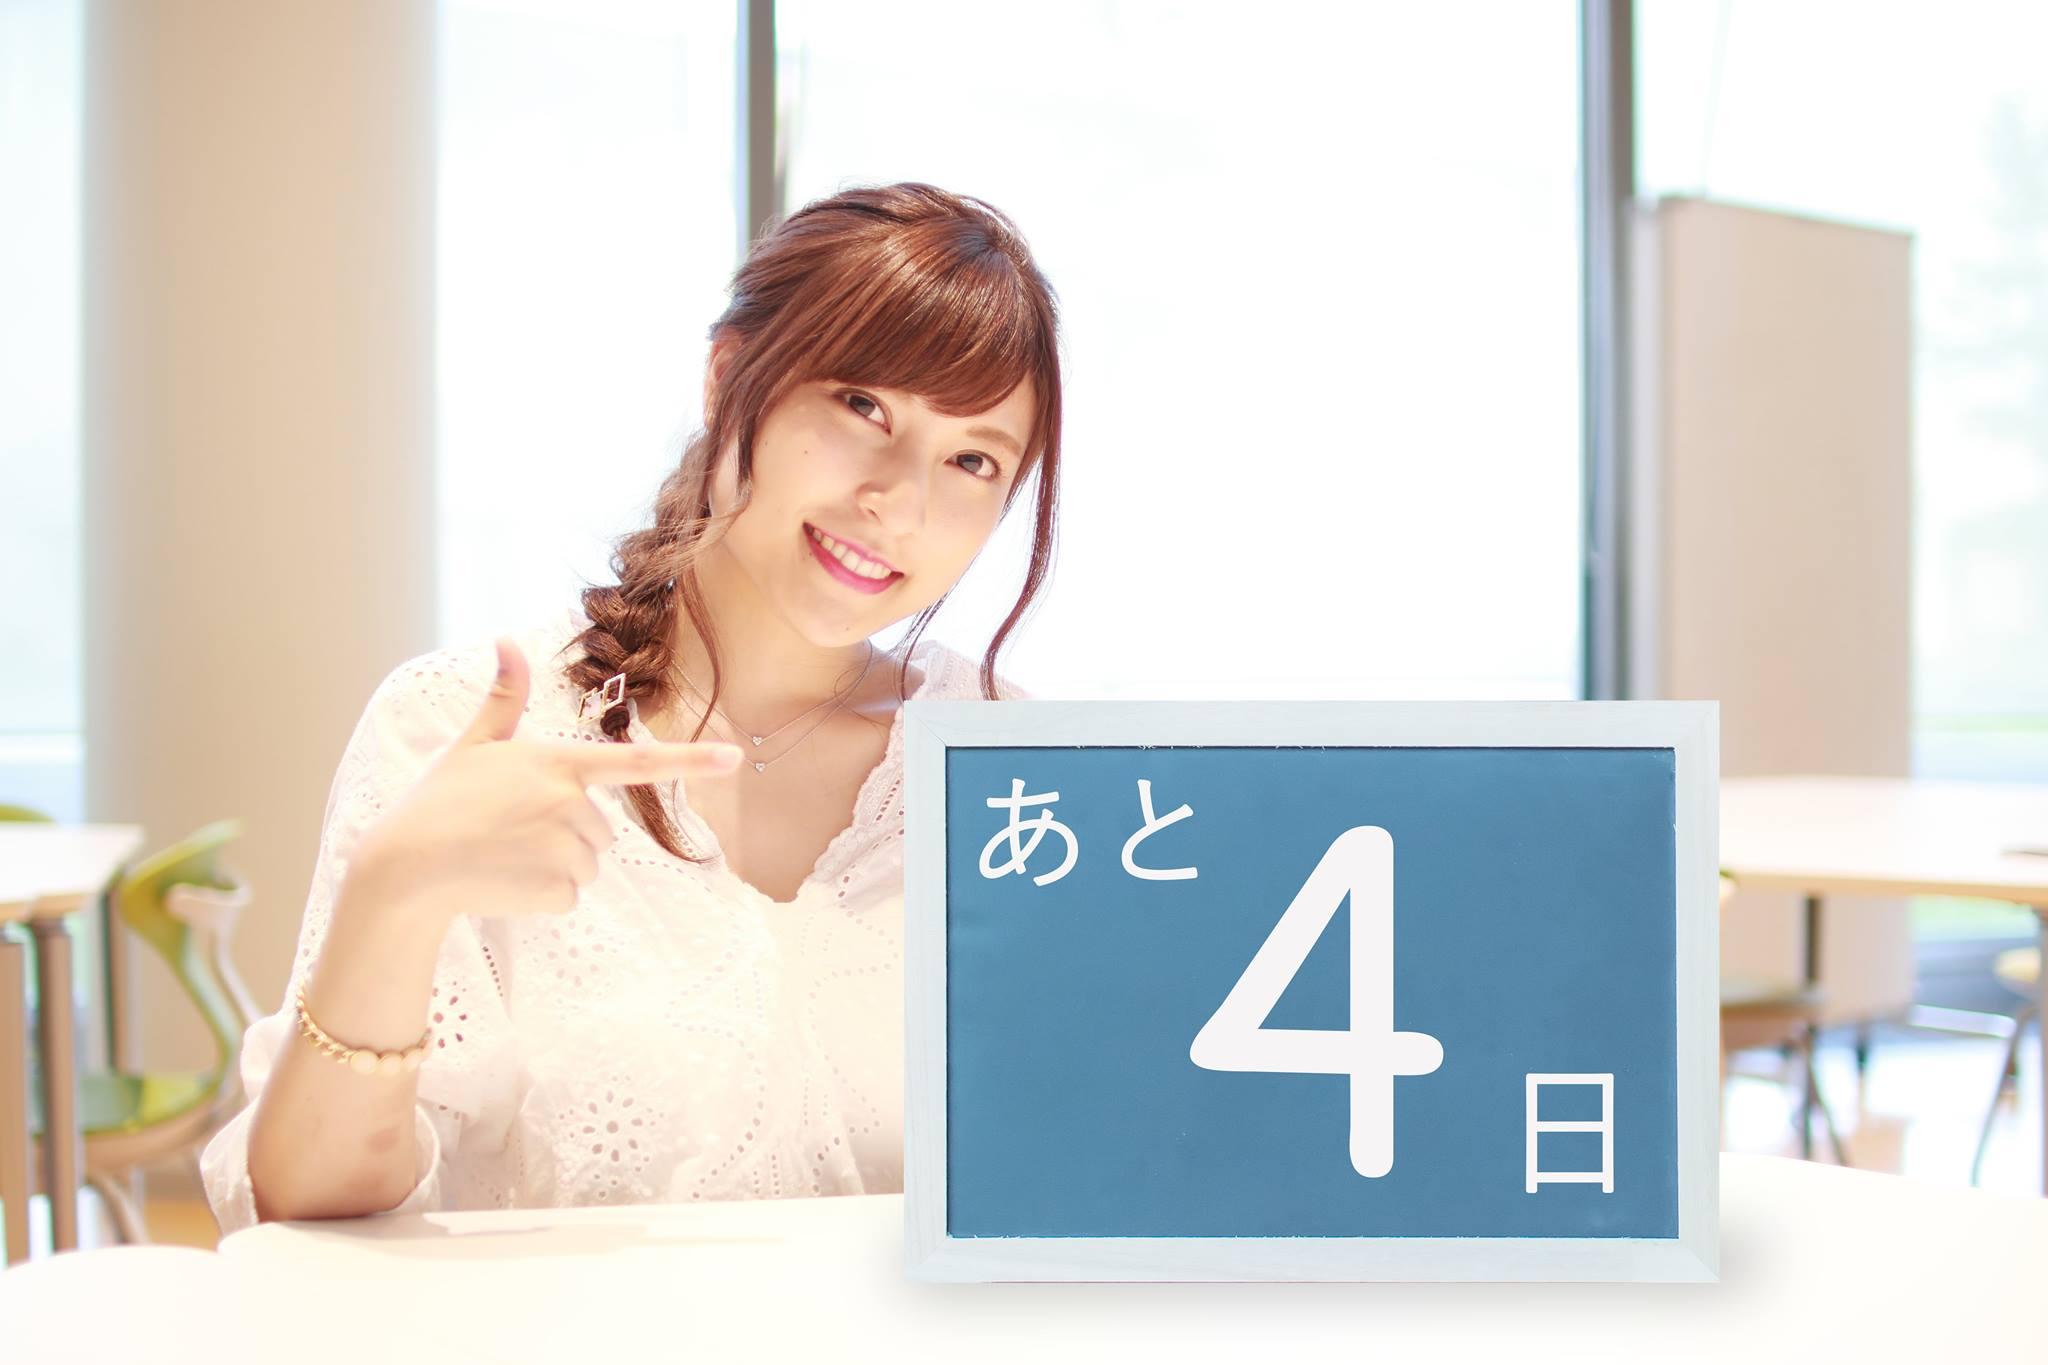 モデル:この|アキコネ 開催日まで秋田美人がカウントダウン!